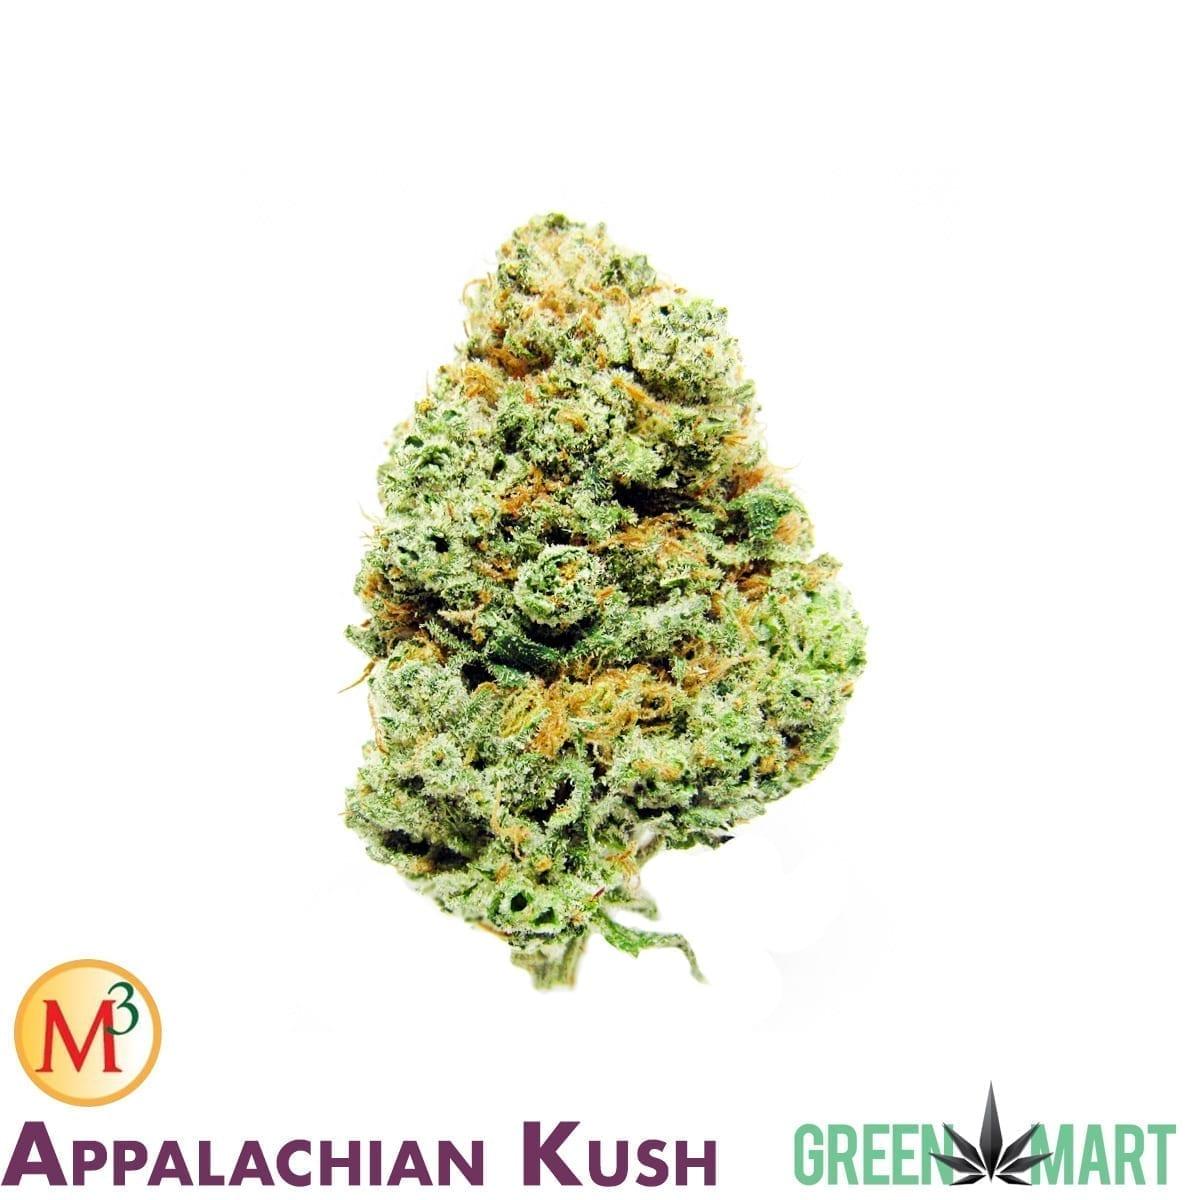 Appalachian Kush by Mother Magnolia Medicinals